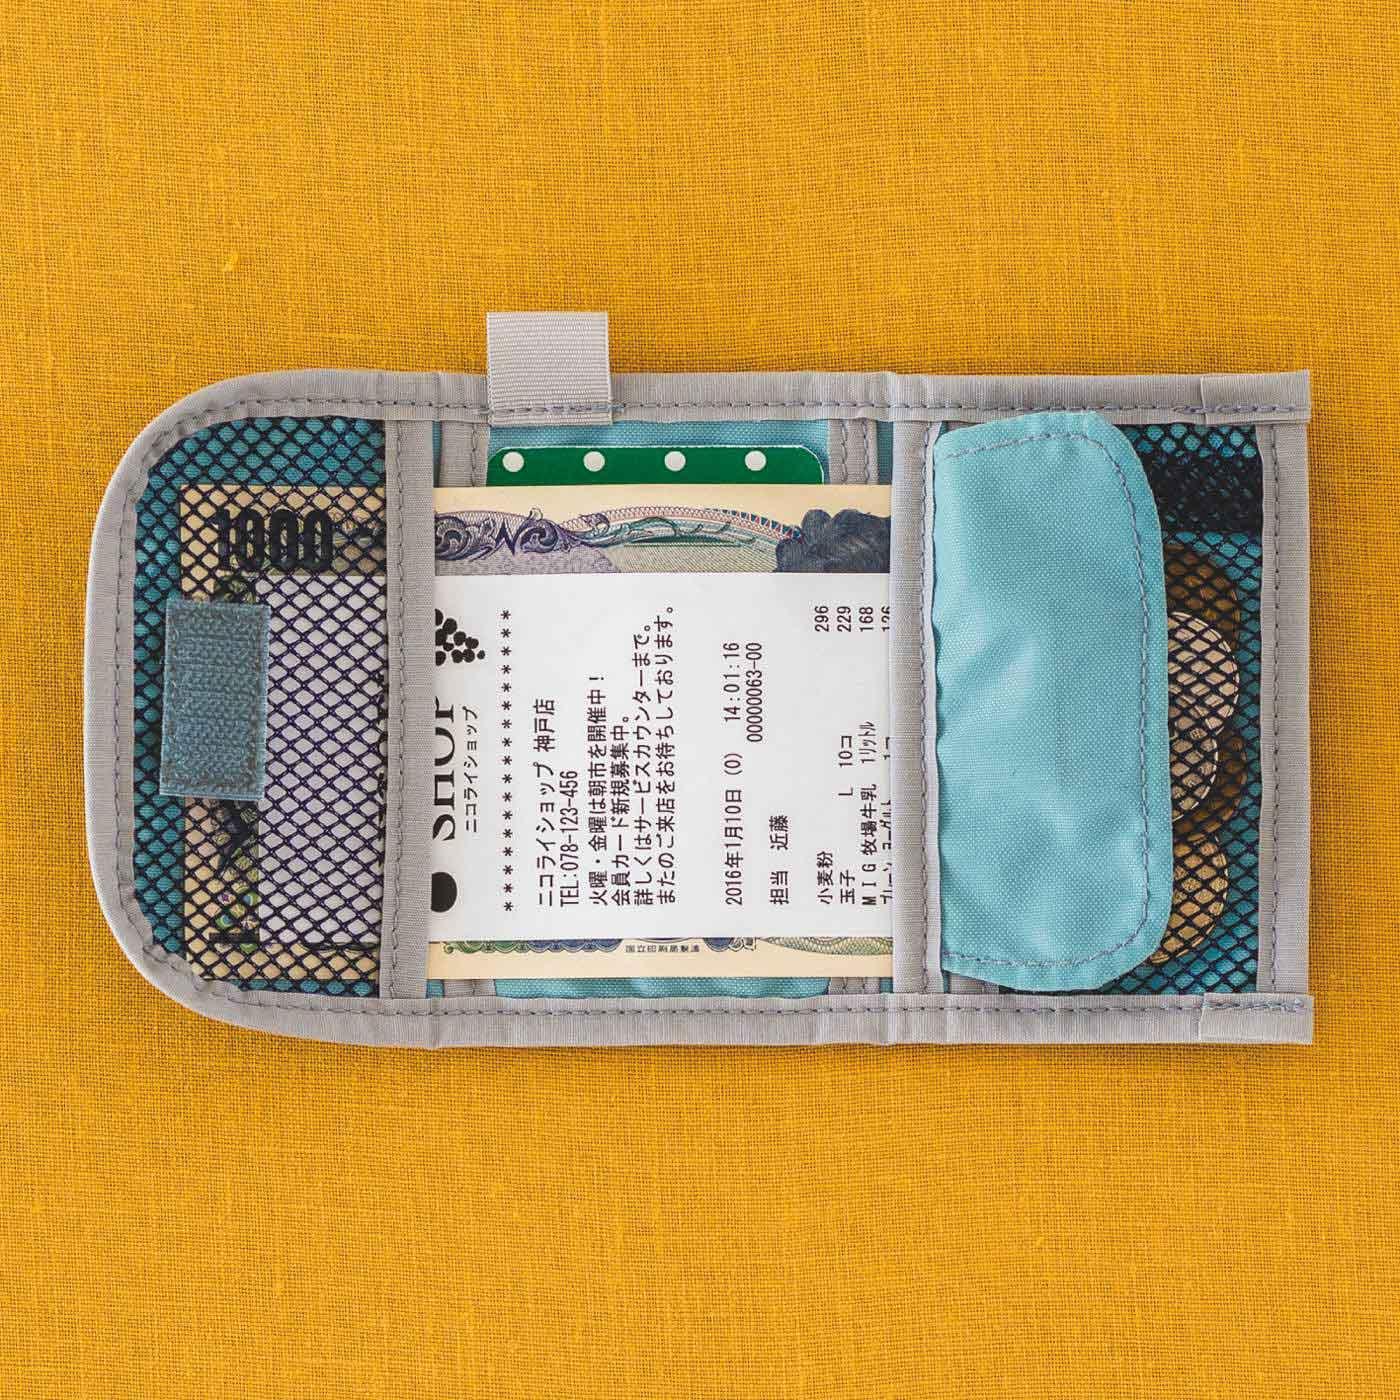 カードポケット付きだから、ポイントや特典も忘れずGET。さっと取り出しやすいタブ付き。お札は広げてポケットに差し込めば一目瞭然。